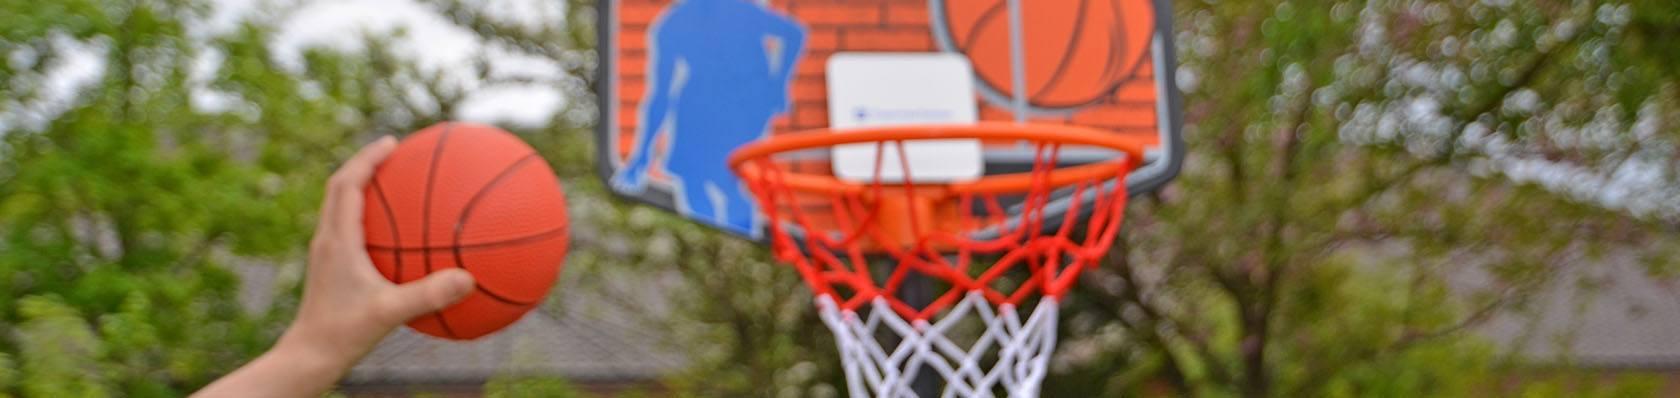 Basketballschuhe im Test auf ExpertenTesten.de